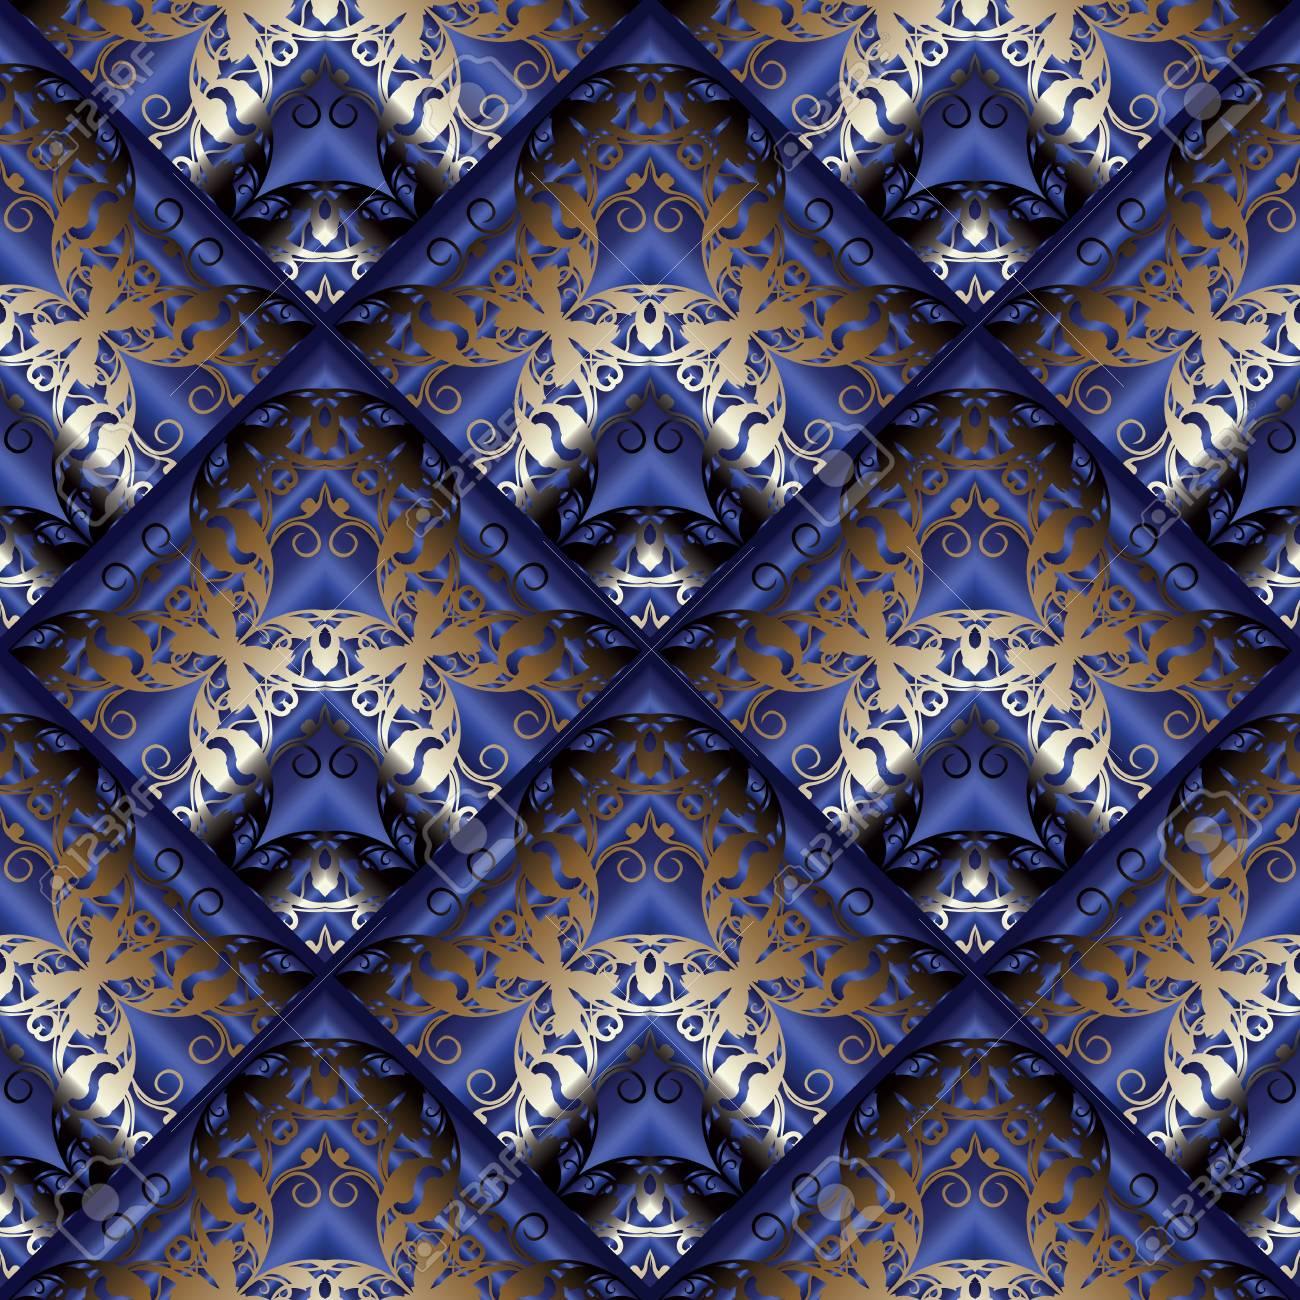 Modele Sans Couture Baroque Floral Vector Fond 3d Bleu Fonce